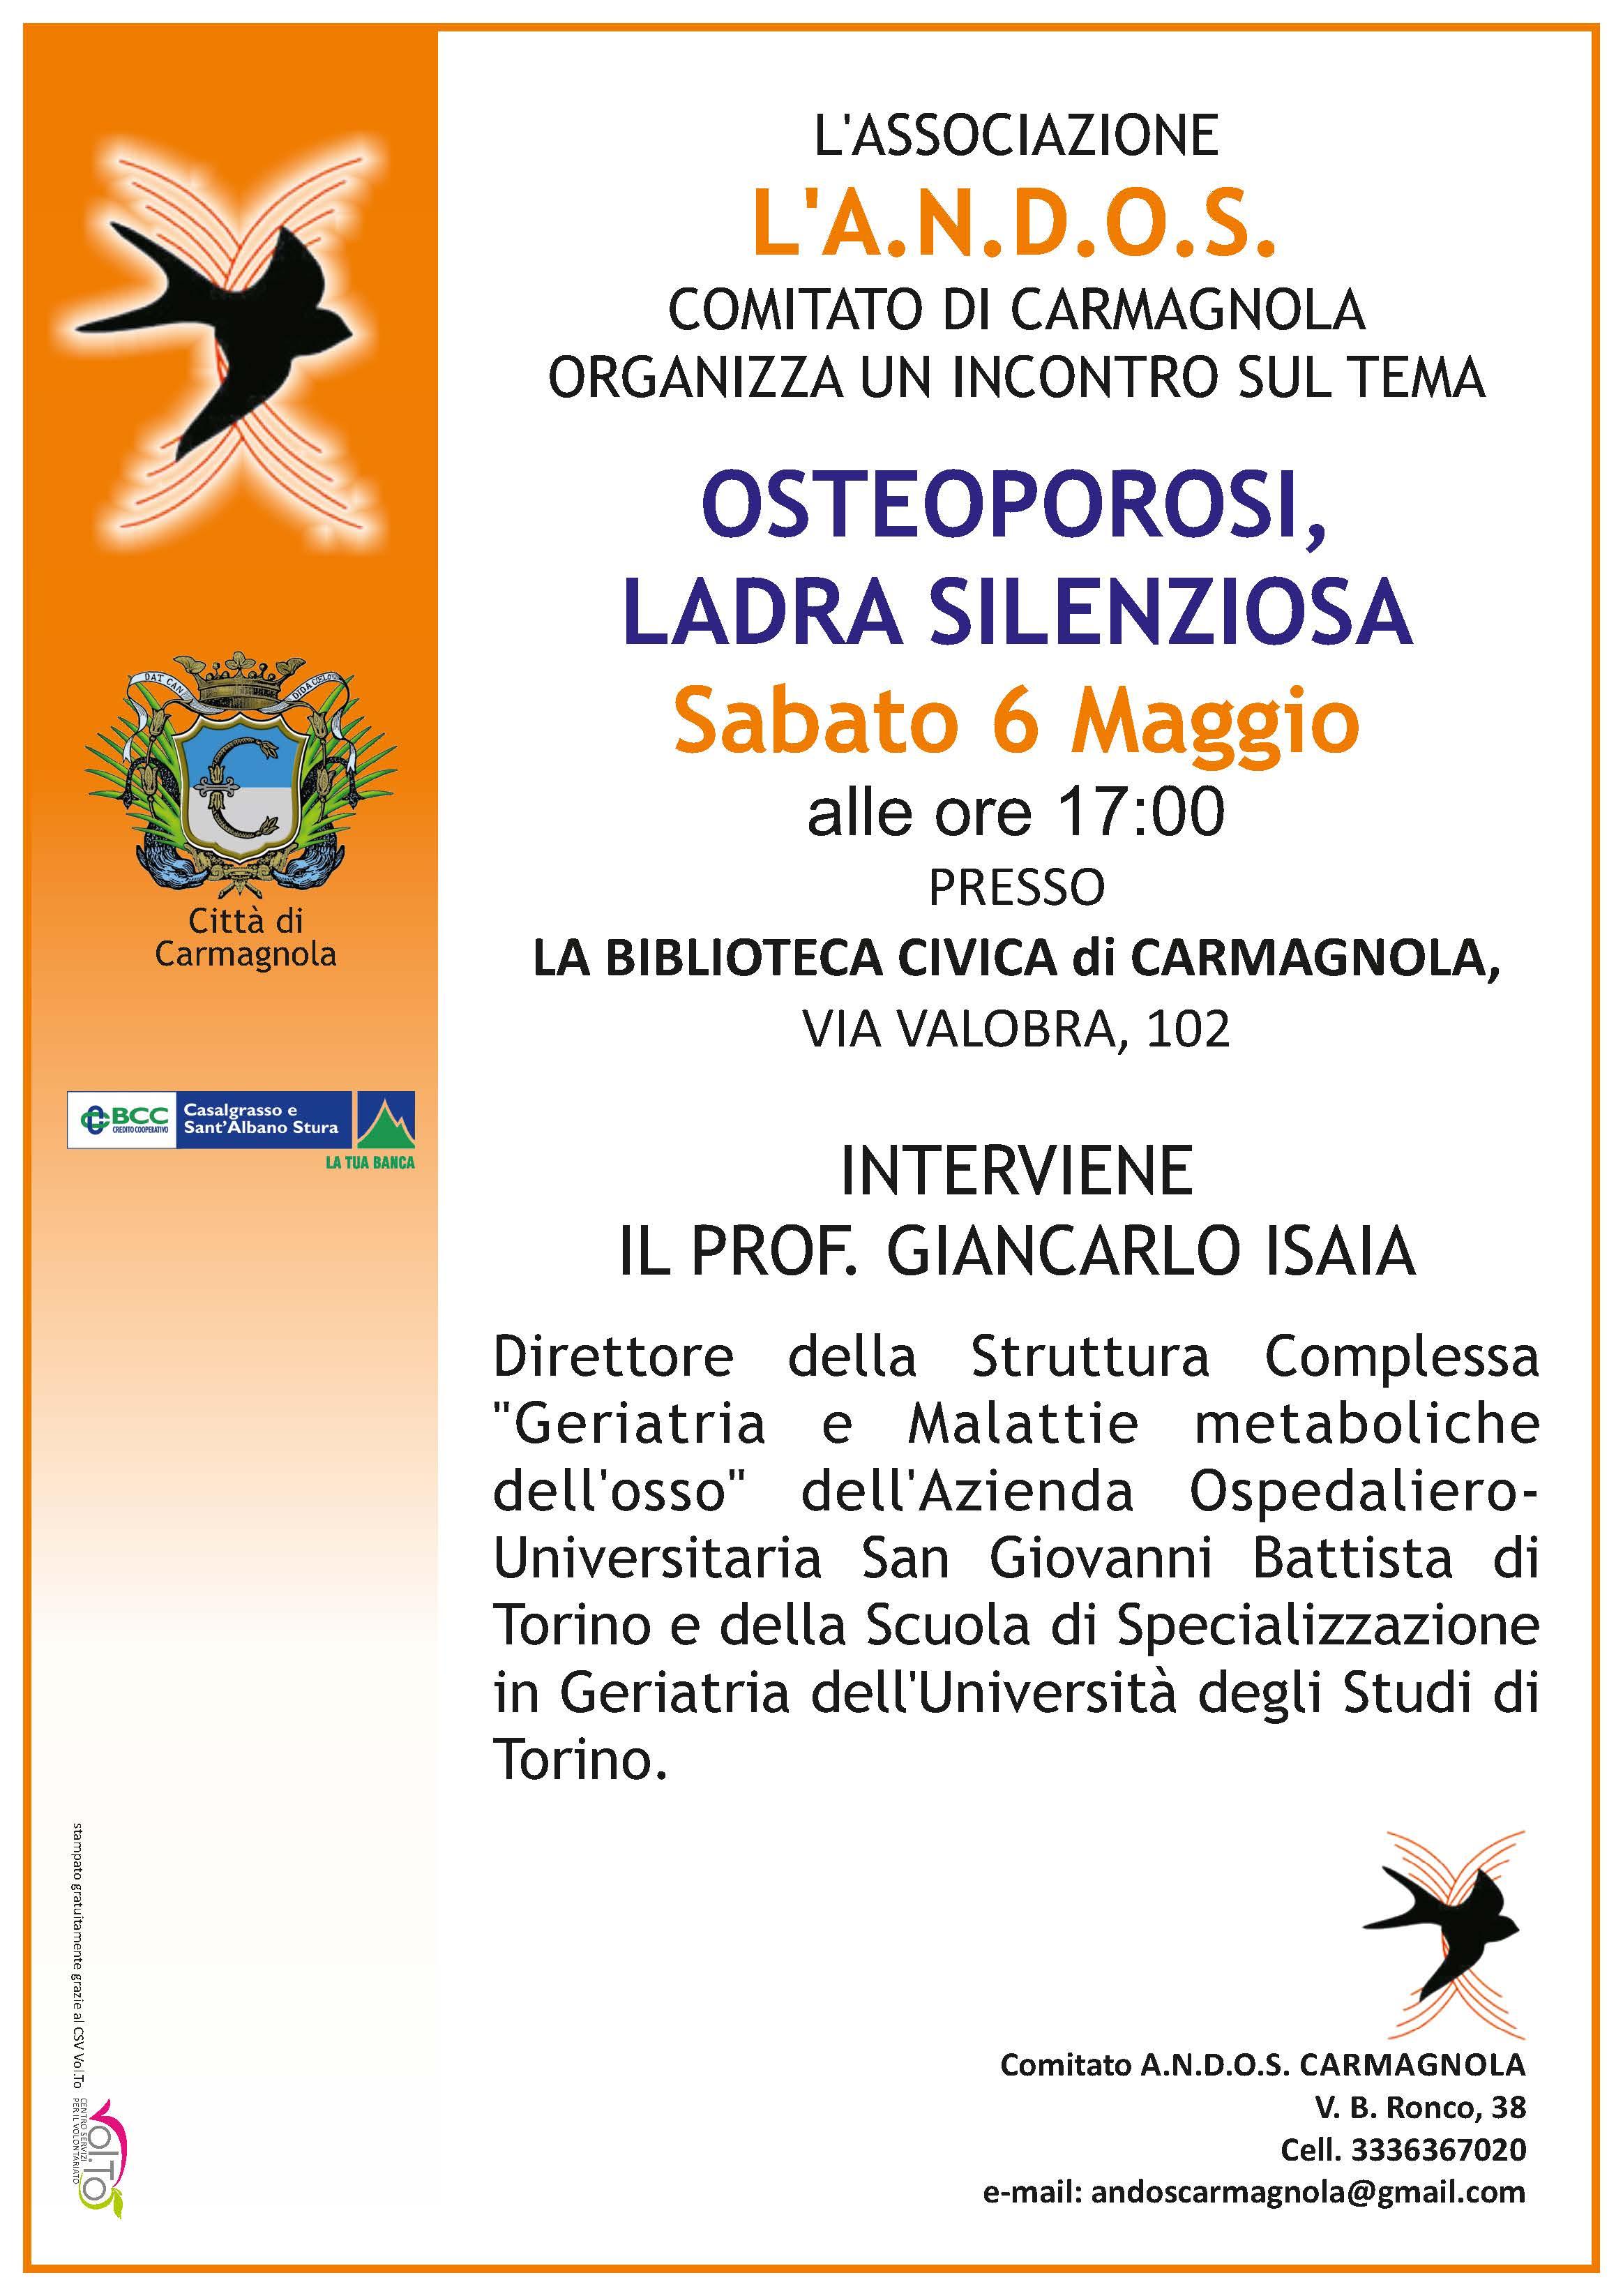 Osteoporosi e educazione alimentare, due incontri con l'Andos